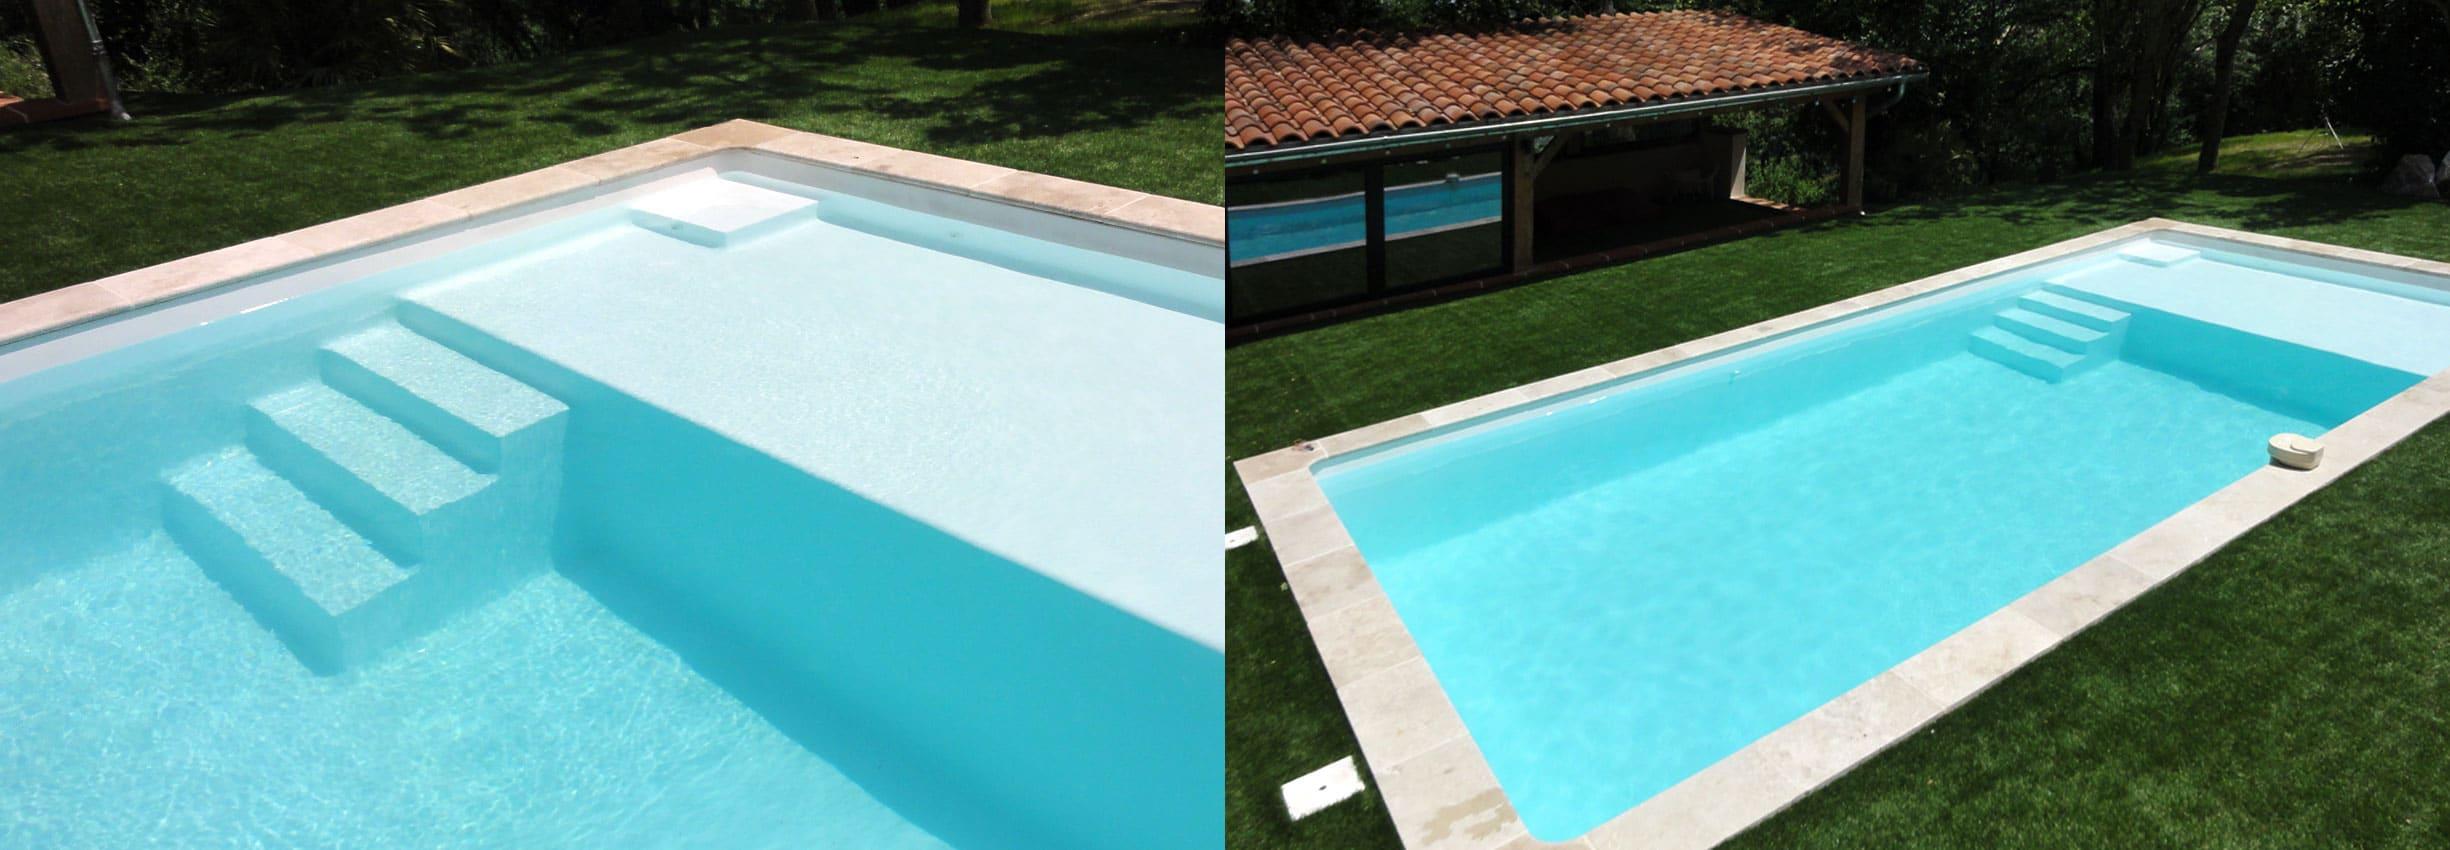 Piscine coque génération piscine